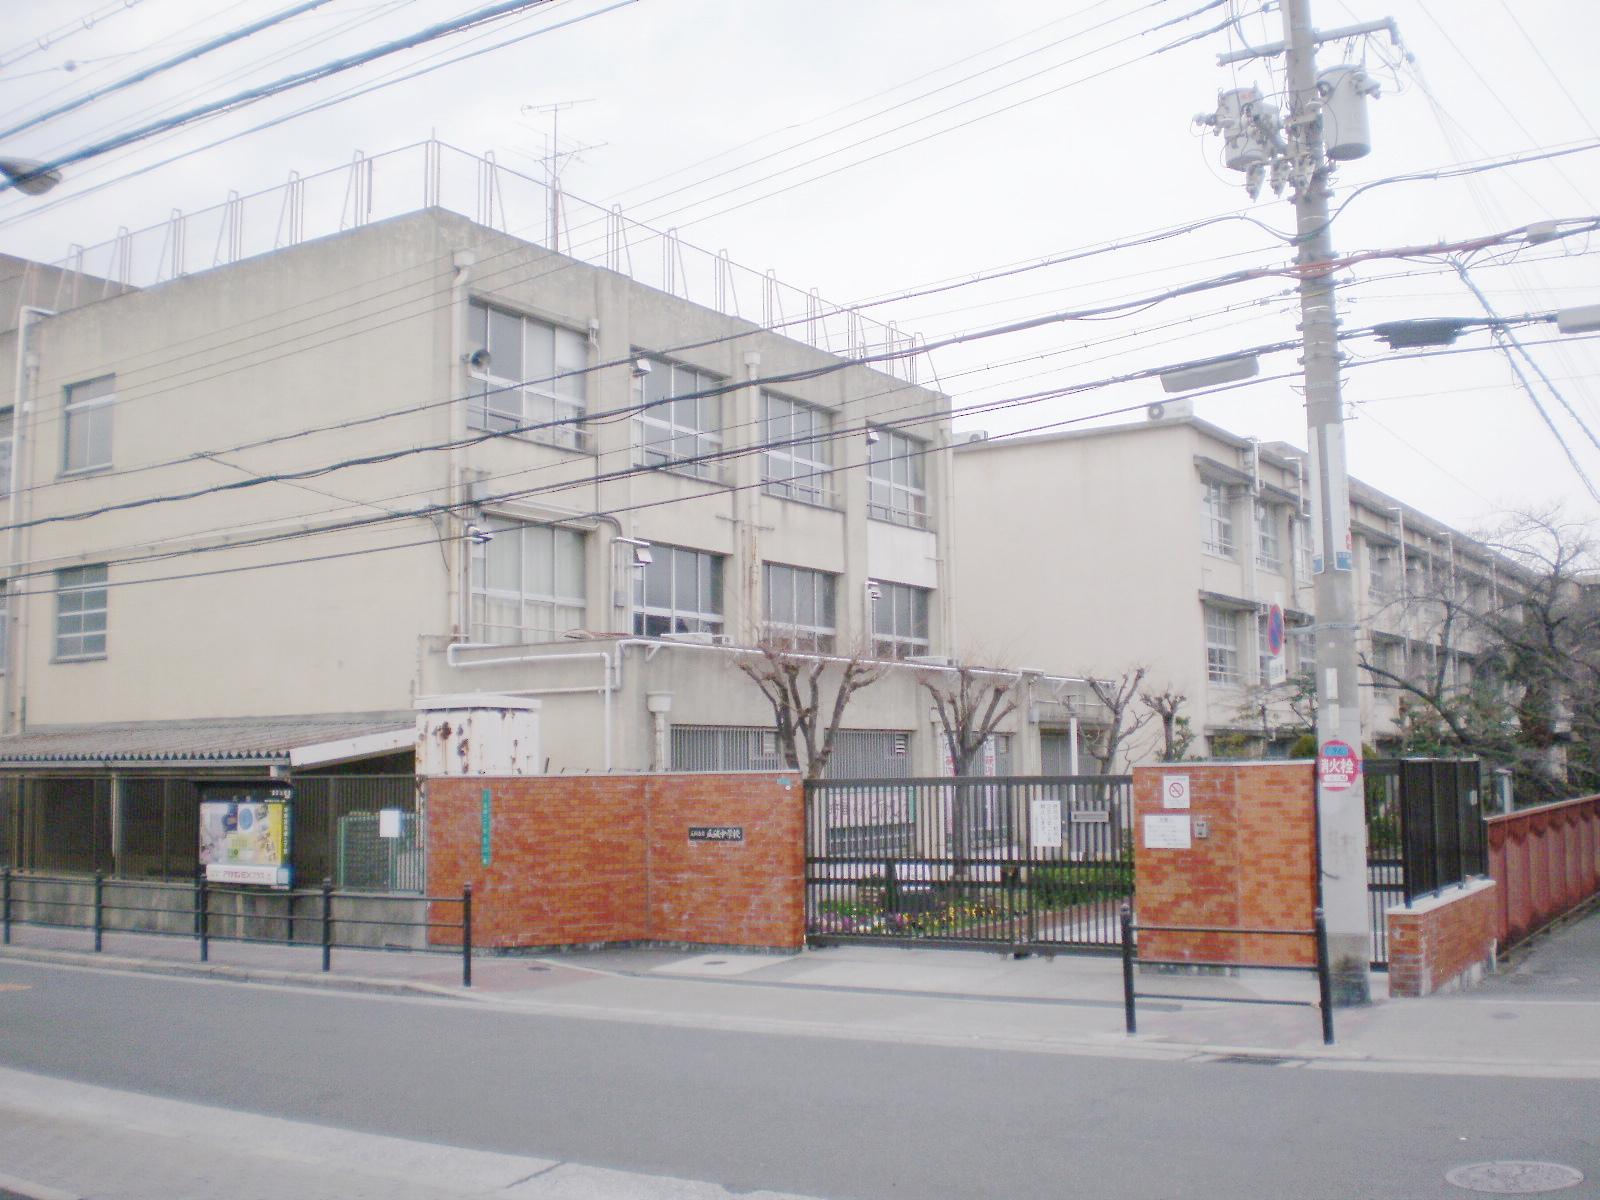 中学校 大阪市立瓜破中学校(中学校)まで981m